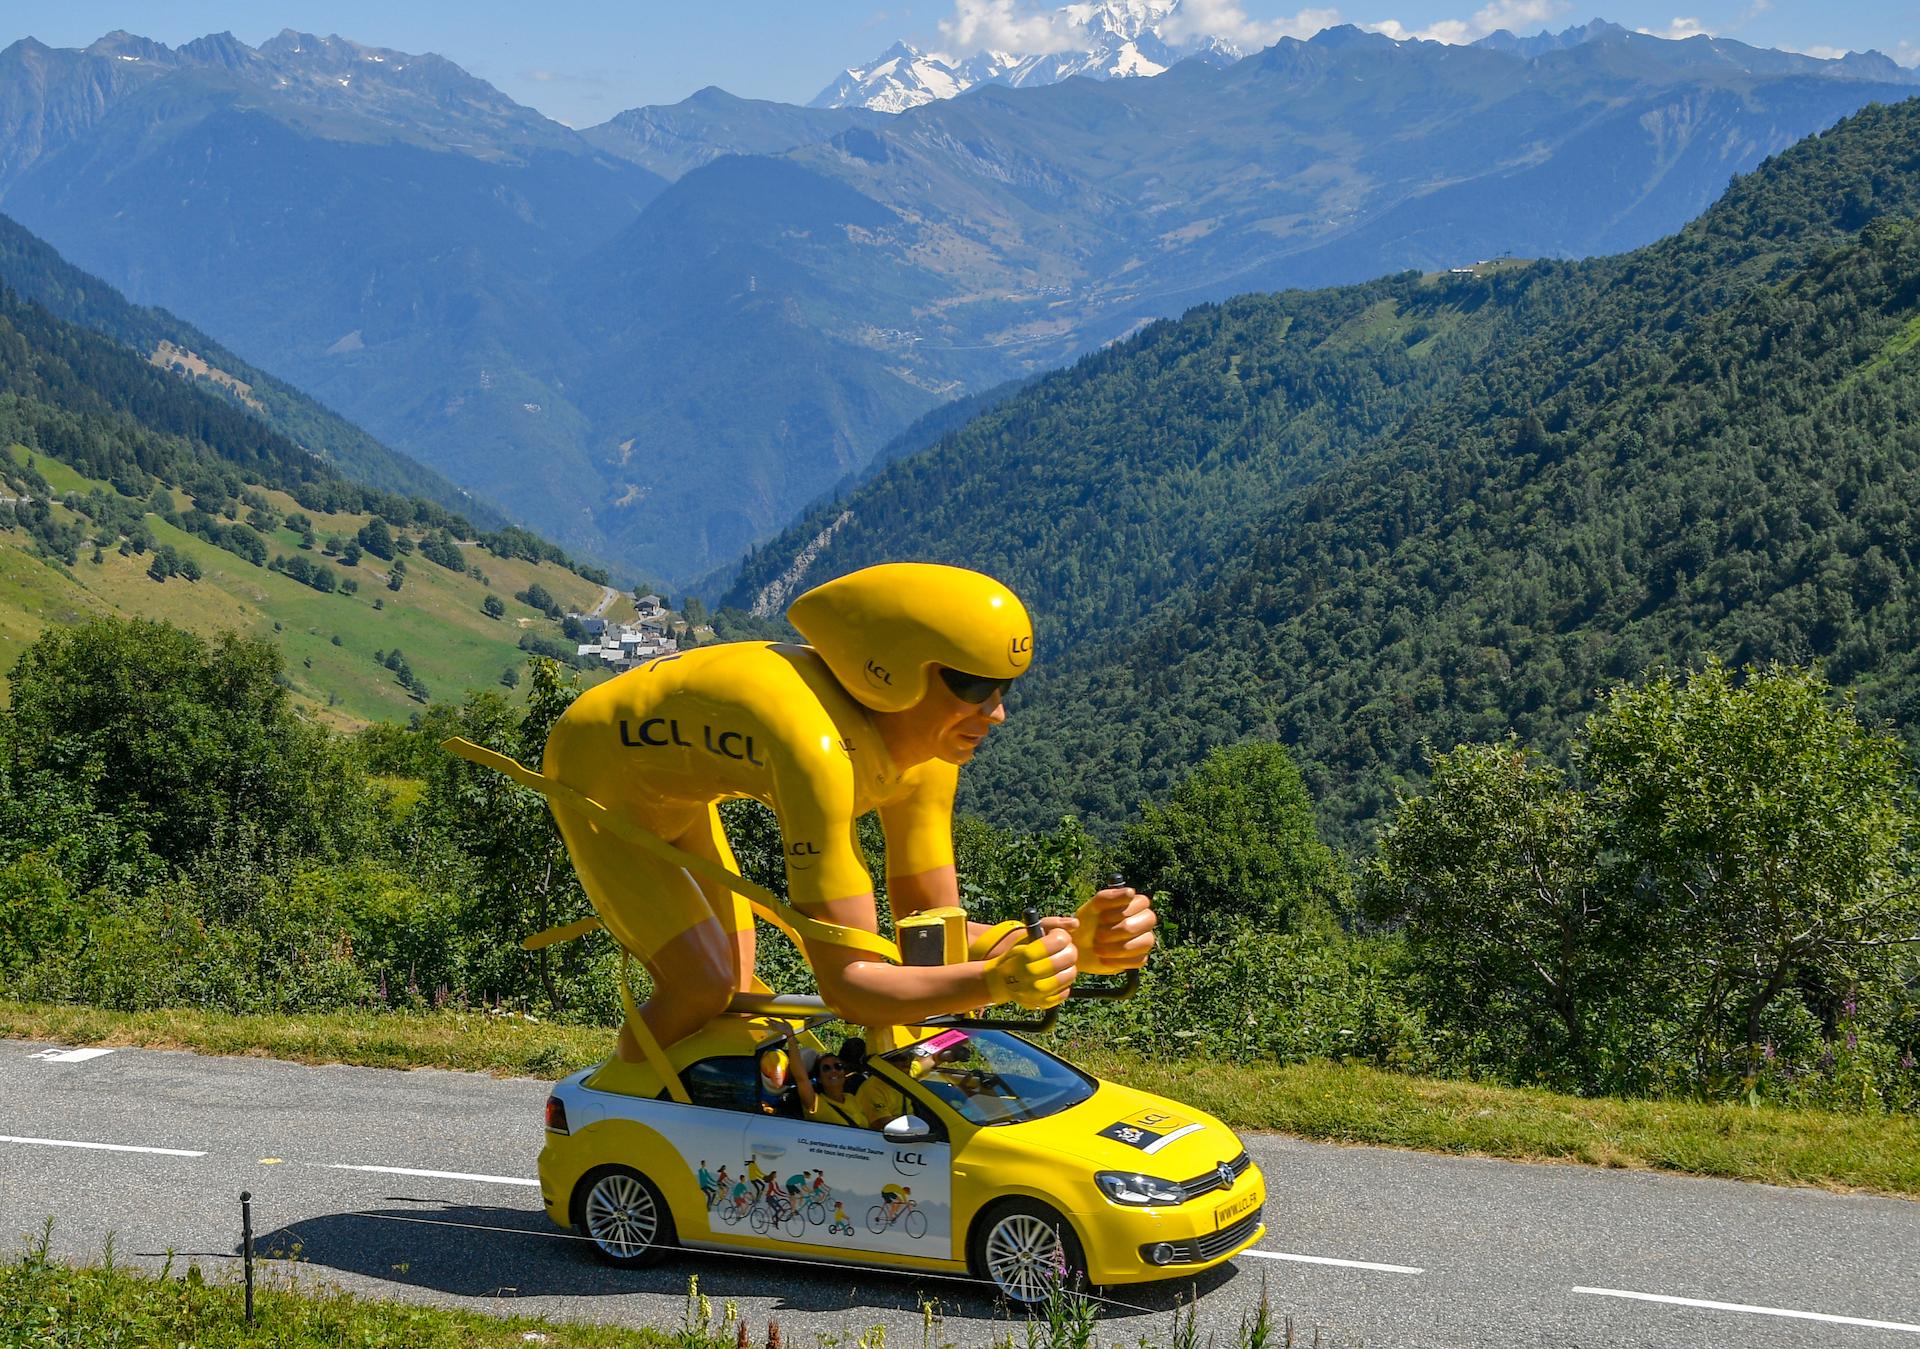 Véhicule LCL dans la caravane du Tour de France